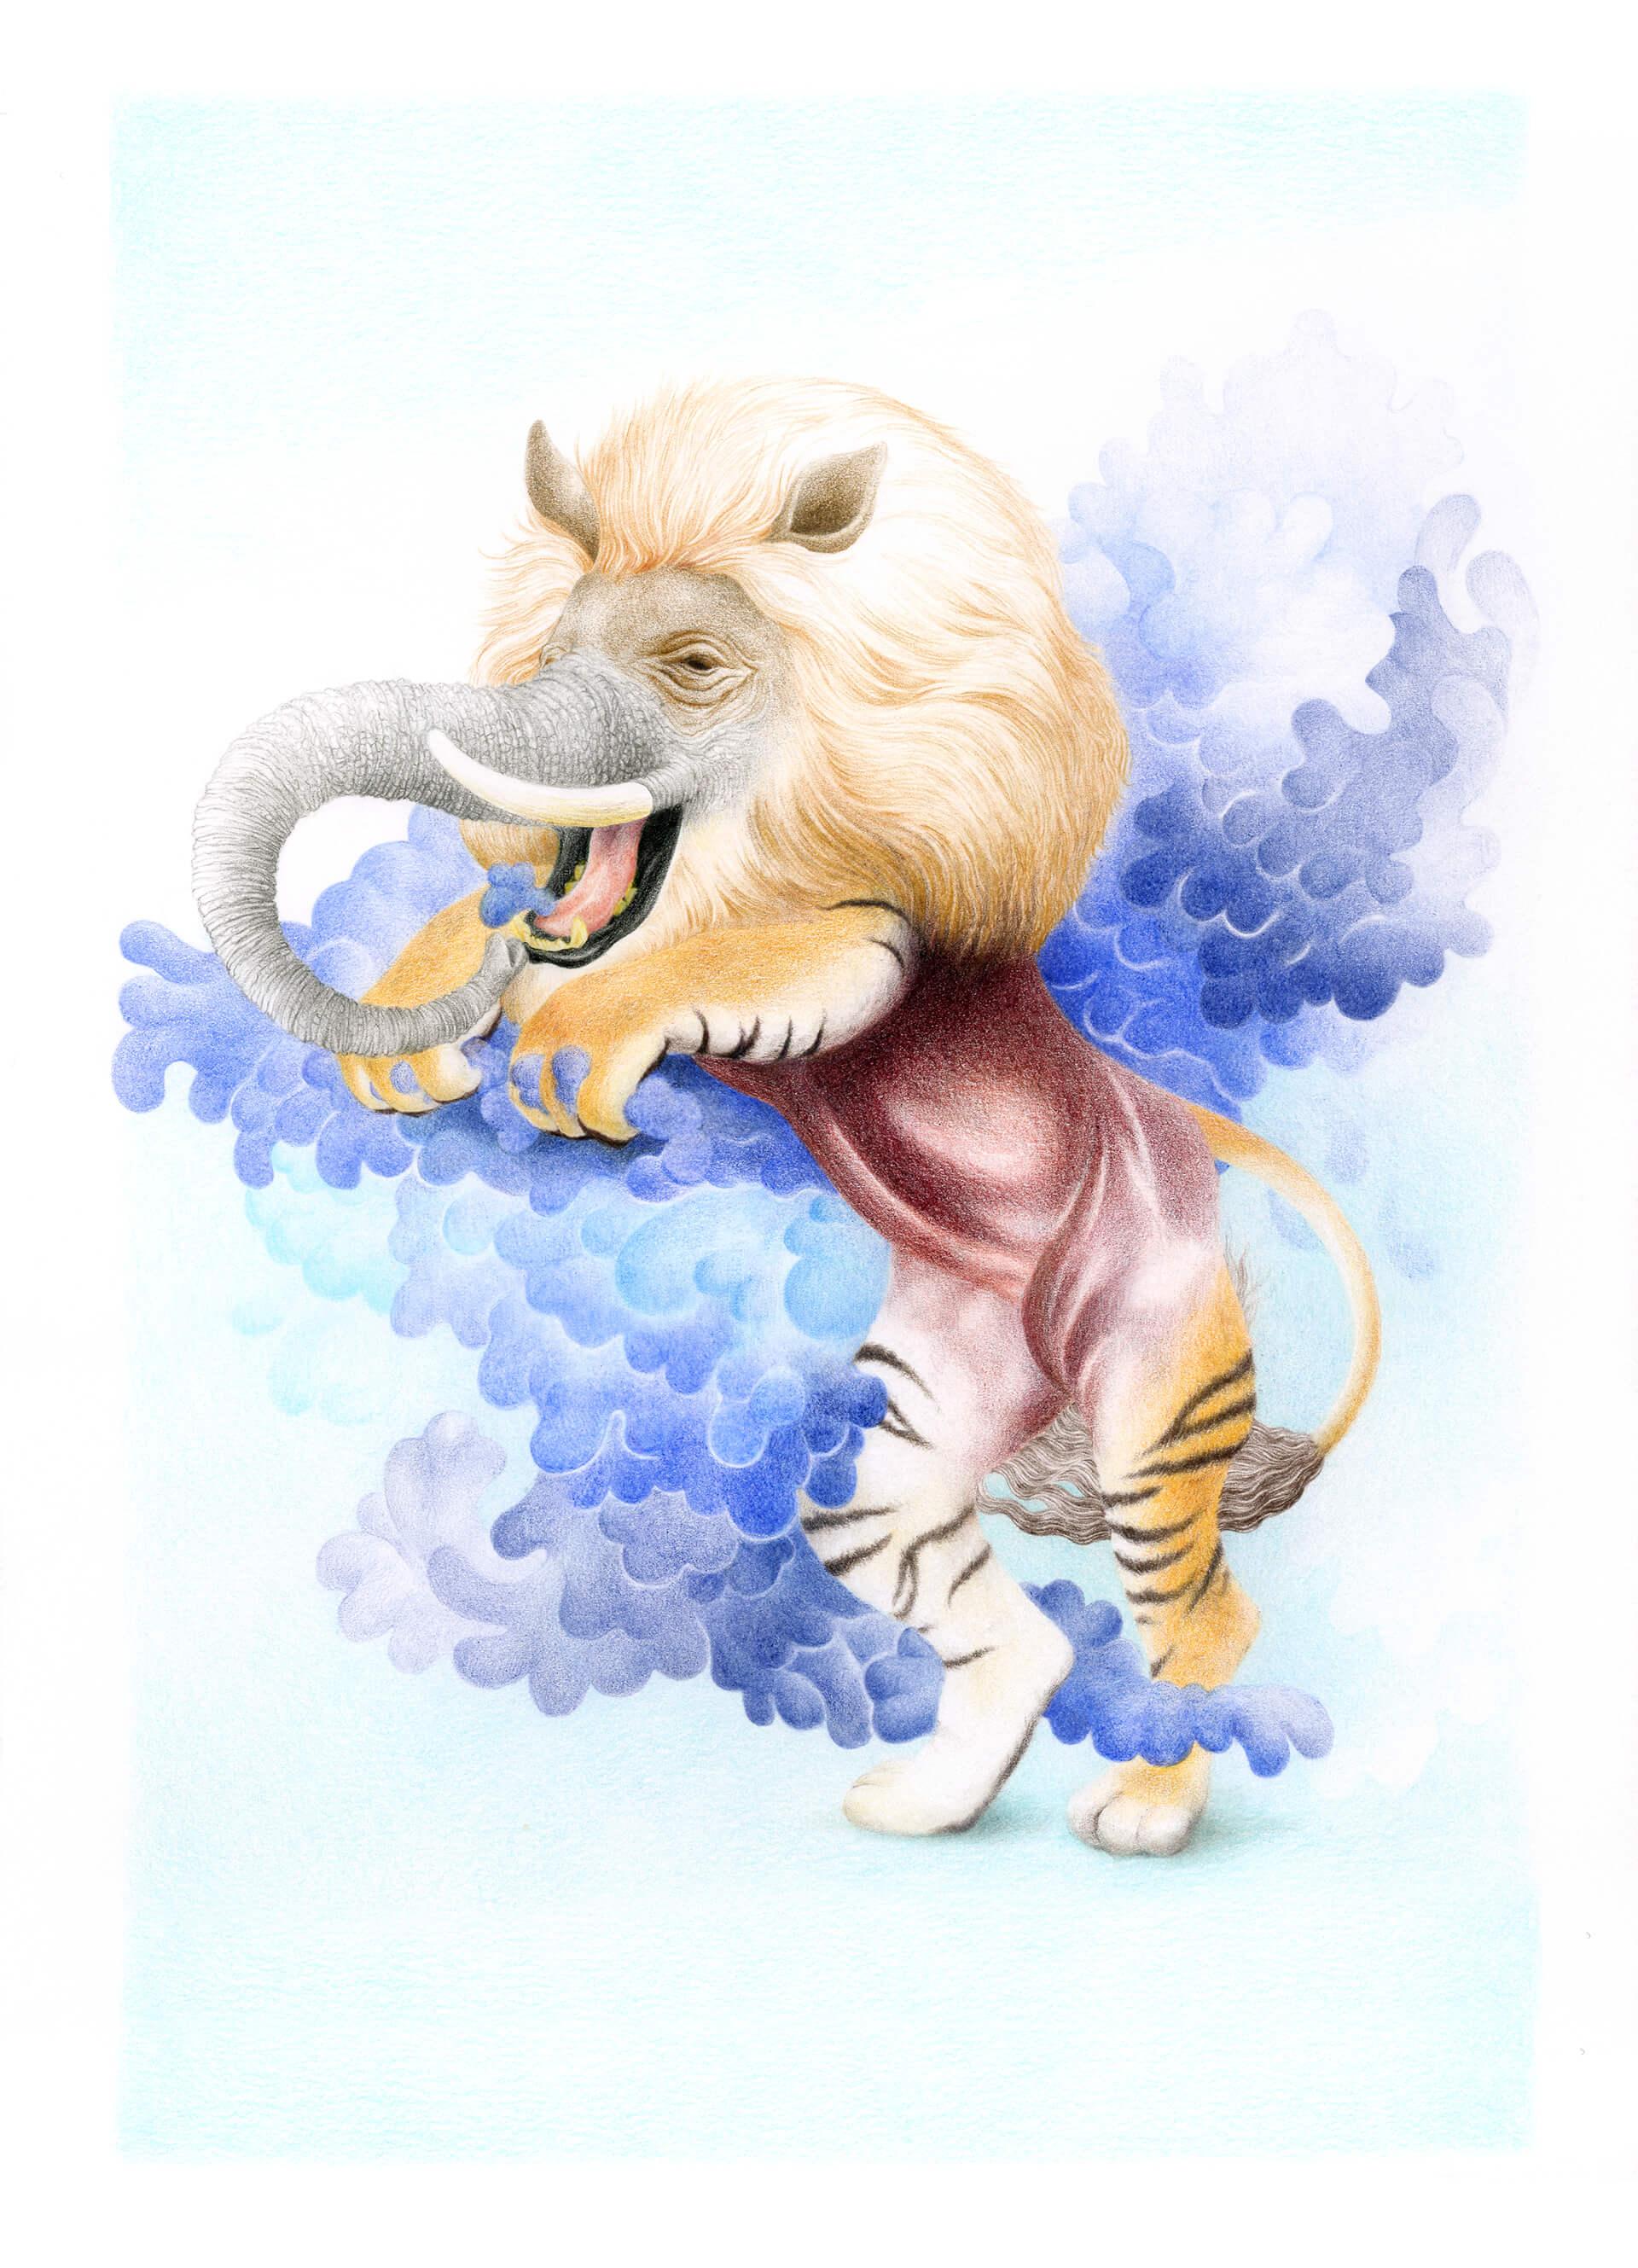 Feine Bunten Stiften Illustration von dem Traumfresser, oder Baku genannt, eine phantastische Figur aus der japanischen Mythologie, die Alpträume wegfrisst. Der Baku ist eine Mischung aus einem Tiger, einem Ryhno, einem Elephant, einer Kuh, einem Löwe und einem Pferd.